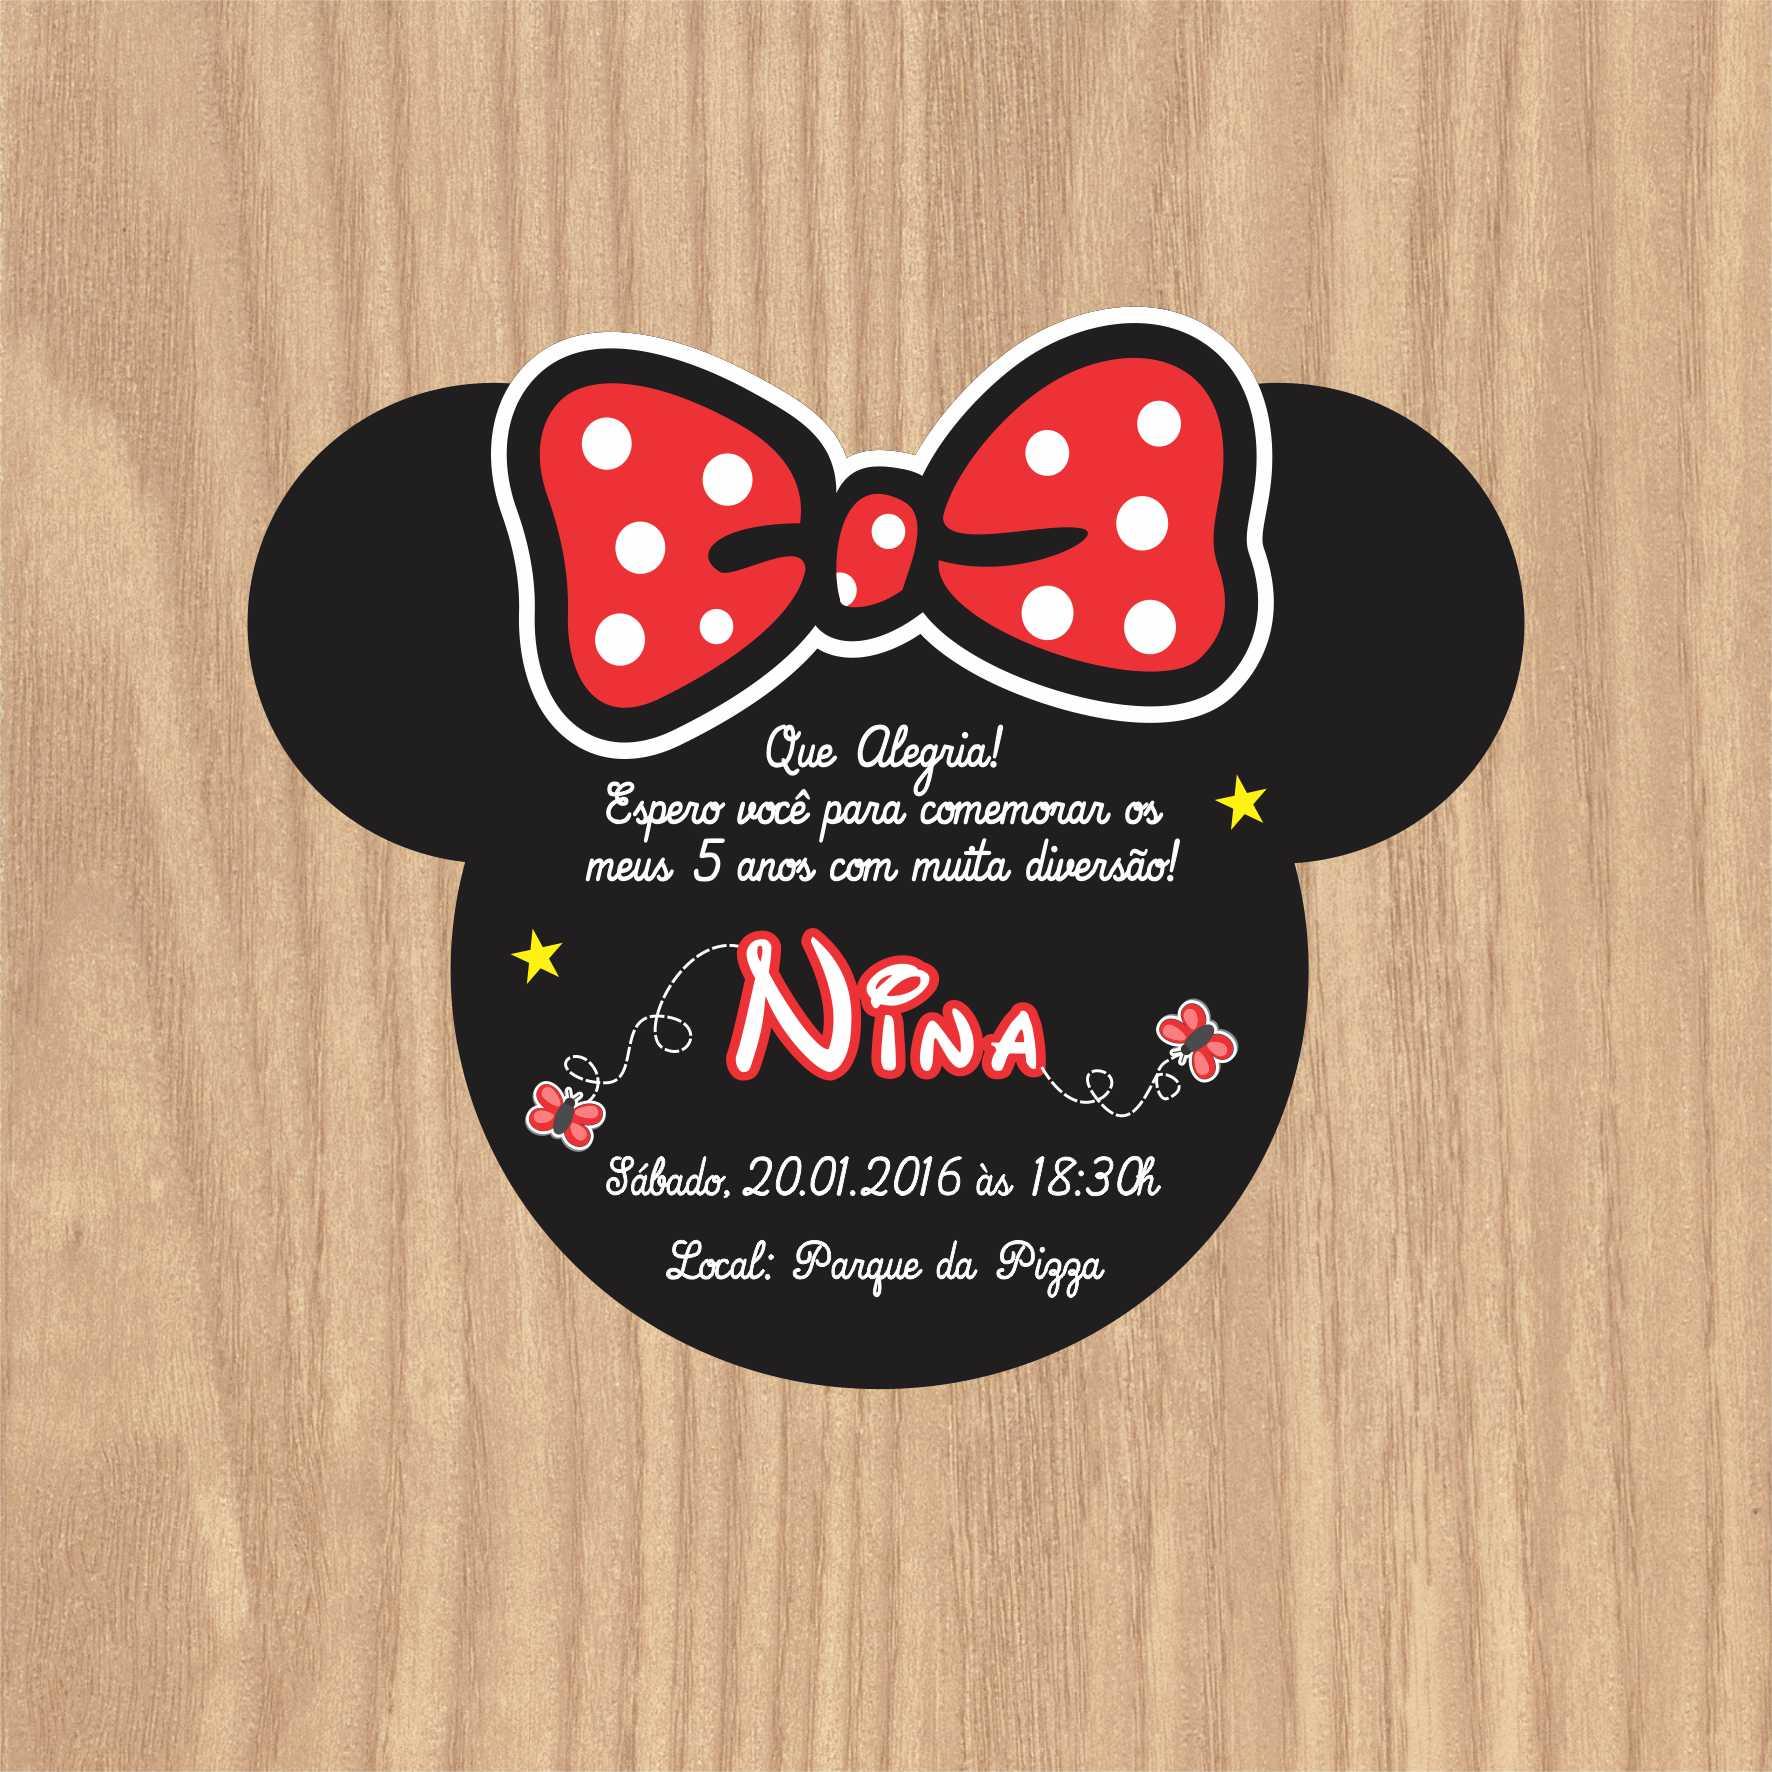 Convite Rosto Minnie Vermelha No Elo7 Arca Dos Sonhos 652857